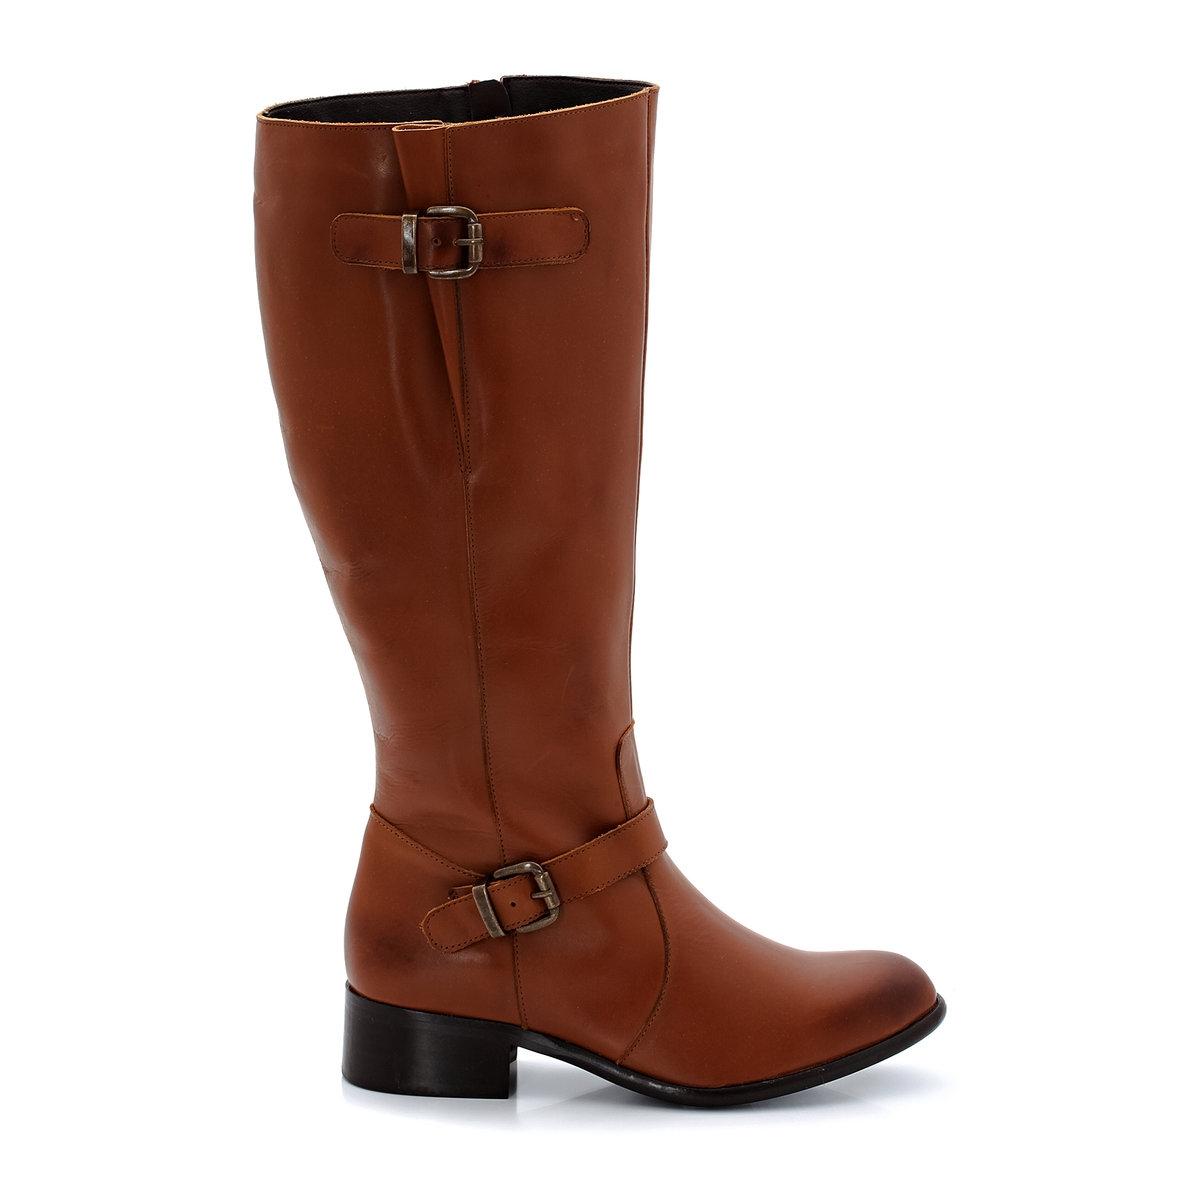 Сапоги из кожиПодошва: эластомер под креп. Высота каблука:  3,5 см. Высота голенища:  38 см. Обхват икры: от 41 до 48 см. Застежка:  молния сбоку. Плюс модели: регулируемый клапан вверху голенища для оптимального комфорта, а также красивые ремешки с пряжками.Соответствие между размером обуви и обхватом икры:- размер 38/39 : обхват икры от 41 до 42 см- размер 40/41 : обхват икры от 43 до 44 см- размер 42/43 : обхват икры от 45 до 46 см- размер 44/45: обхват икры от 47 до 48 см<br><br>Цвет: темно-бежевый<br>Размер: 41